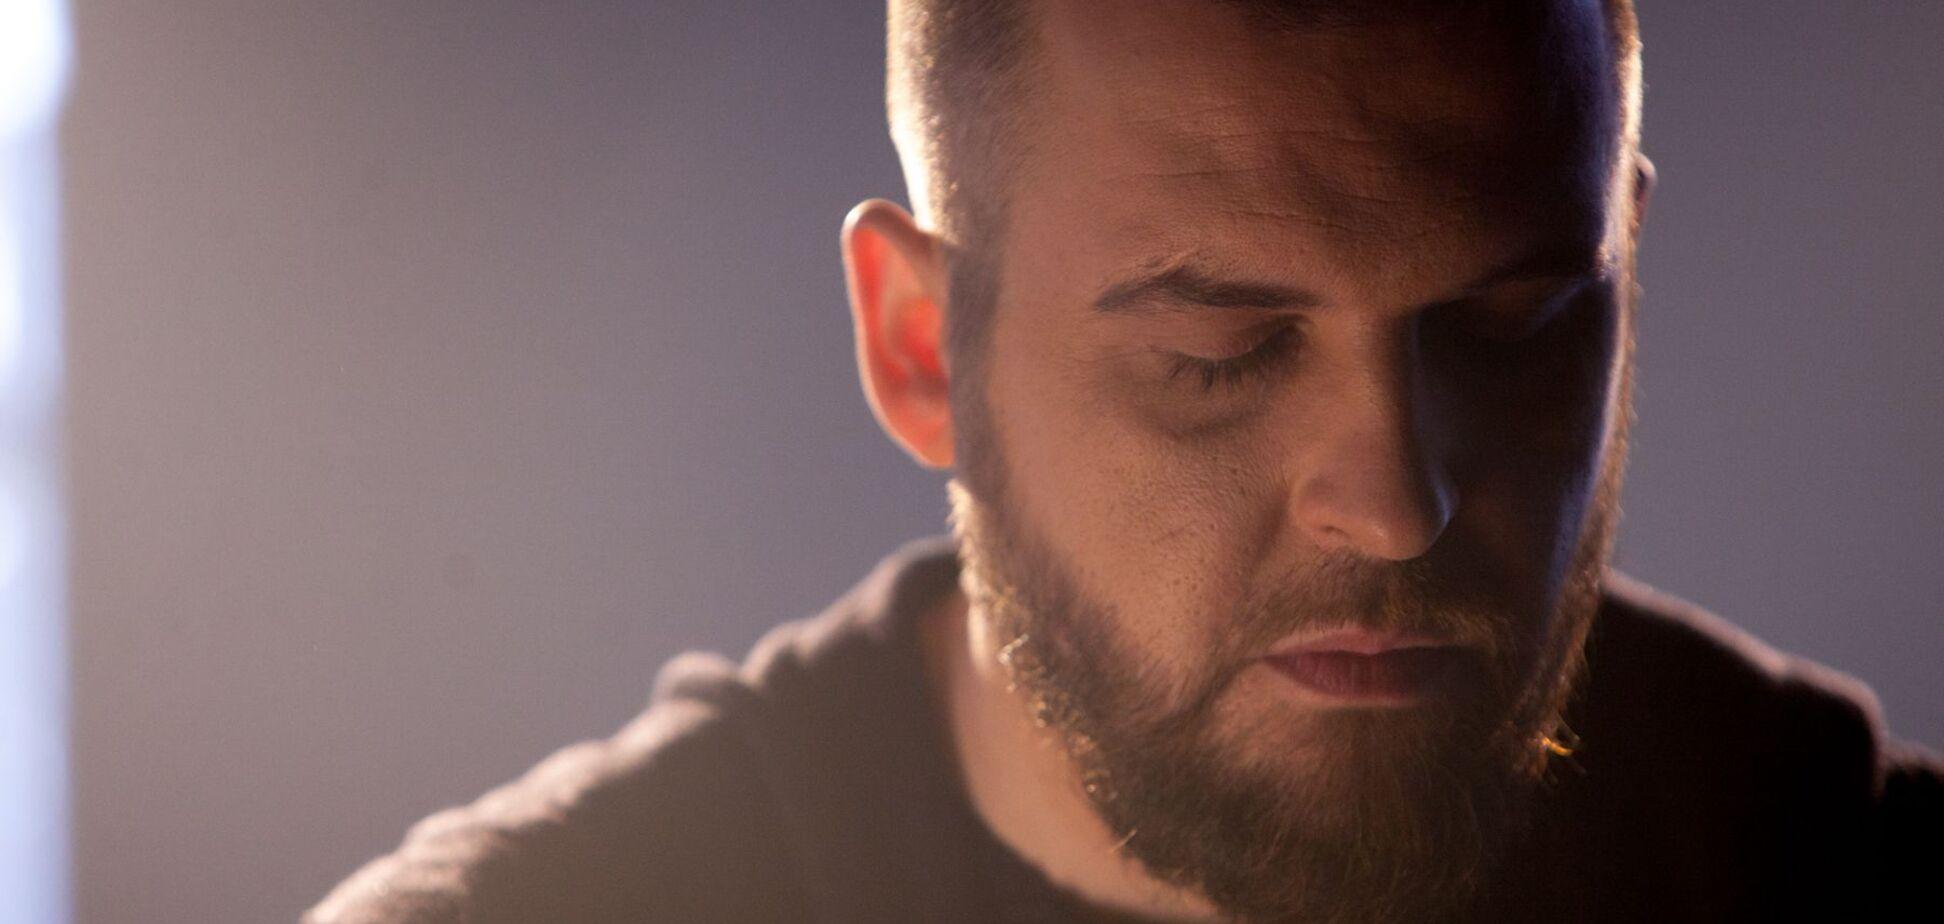 'БЕЗ ОБМЕЖЕНЬ' зняли чуттєвий кліп на сингл 'Хочеш'